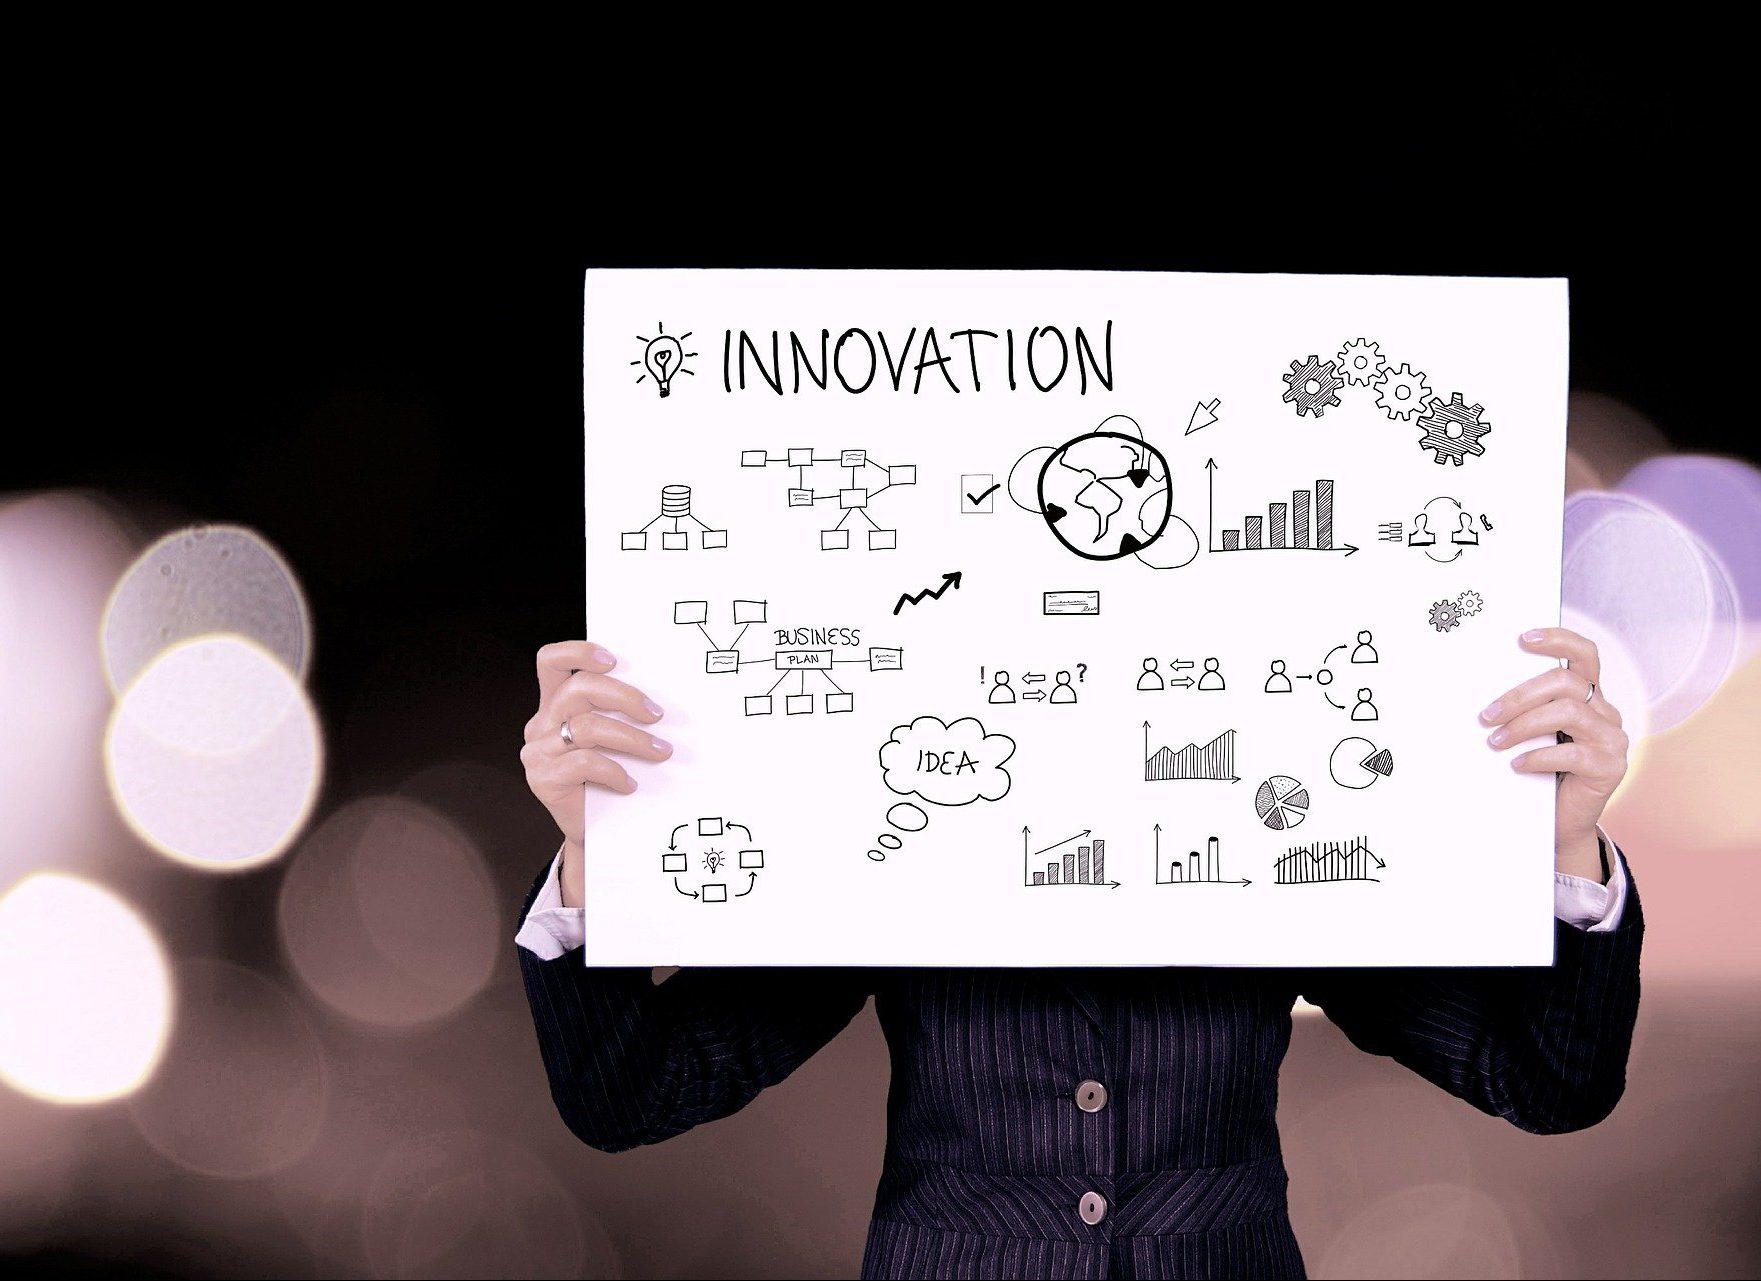 Soignez ses présentations - pancarte innovation